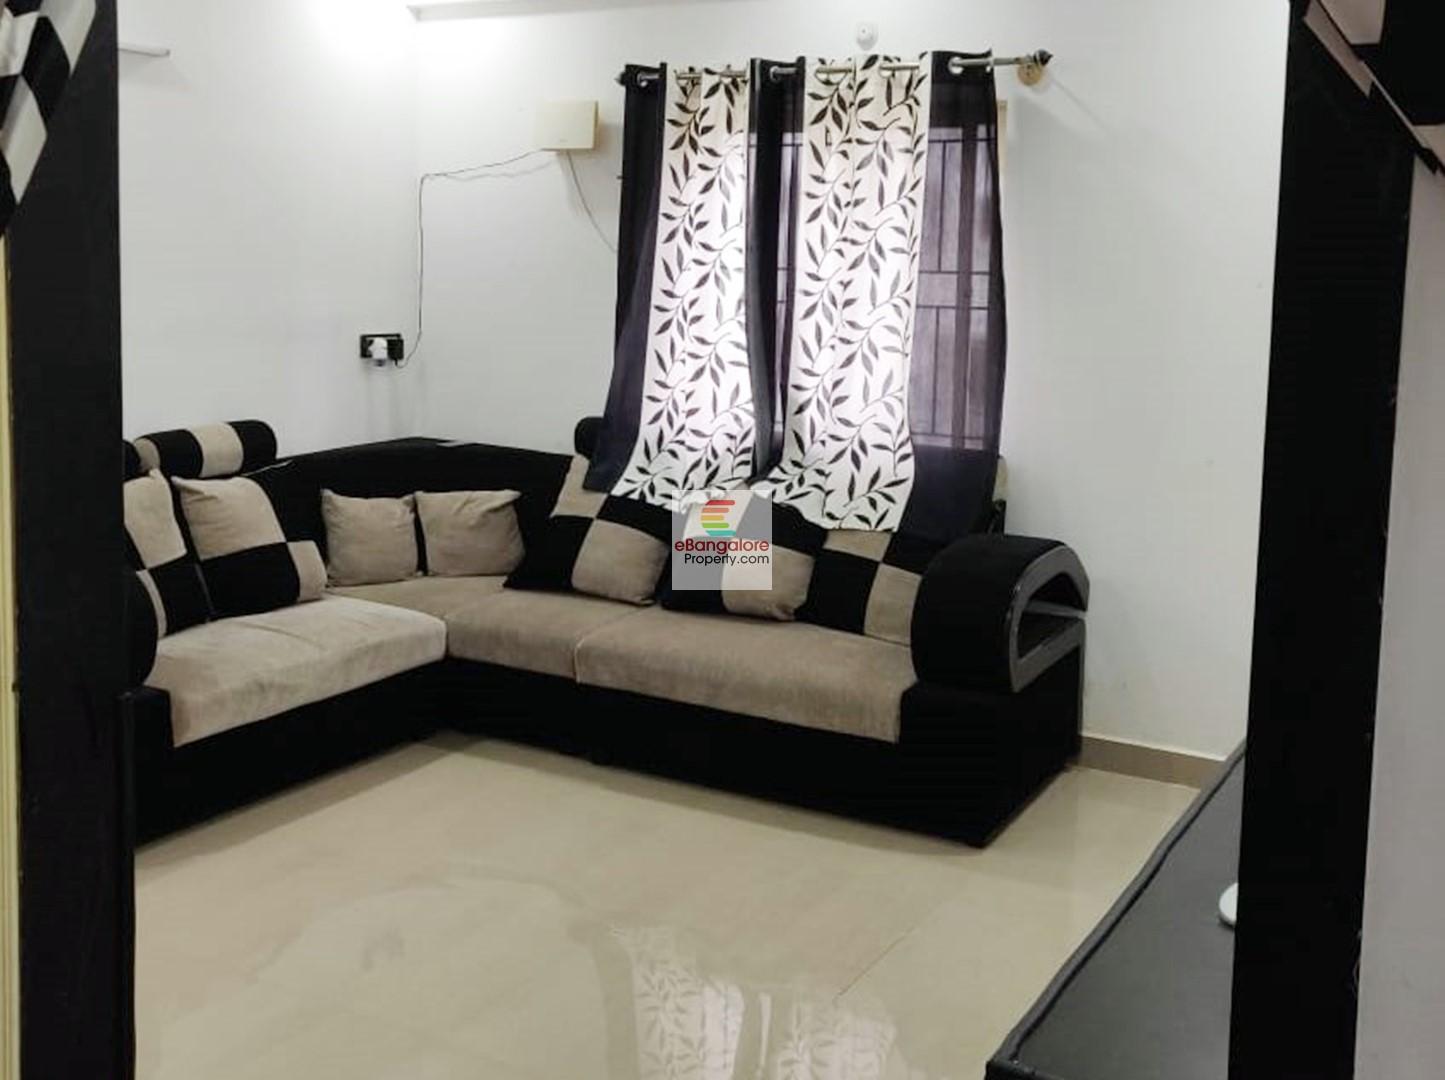 Akshay Nagar BTM Ext – 2BHK Semi-Furn Flat for Sale – Just 4 KM from IIMB